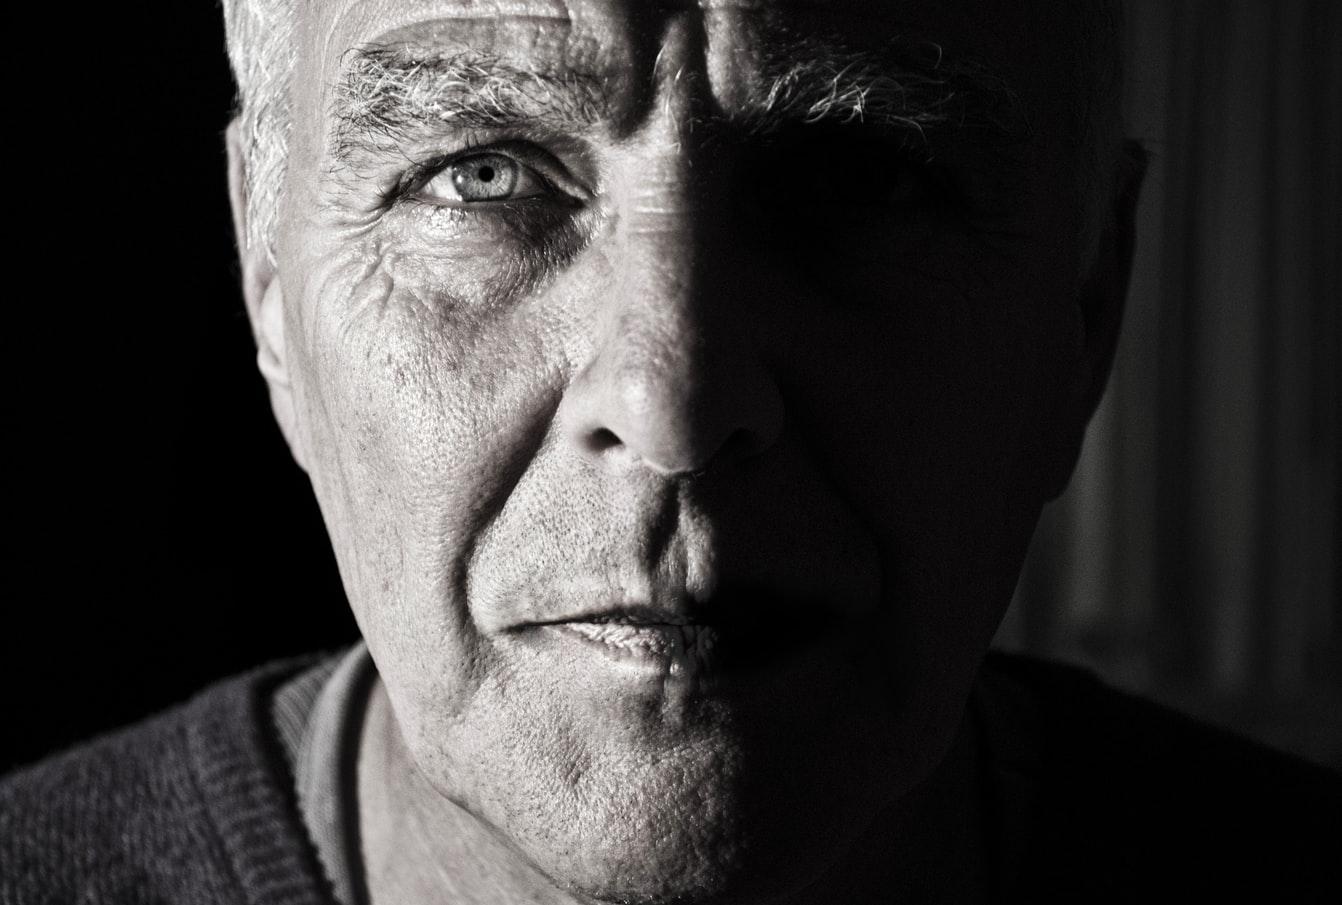 Un homme âgé souffrant de cécité